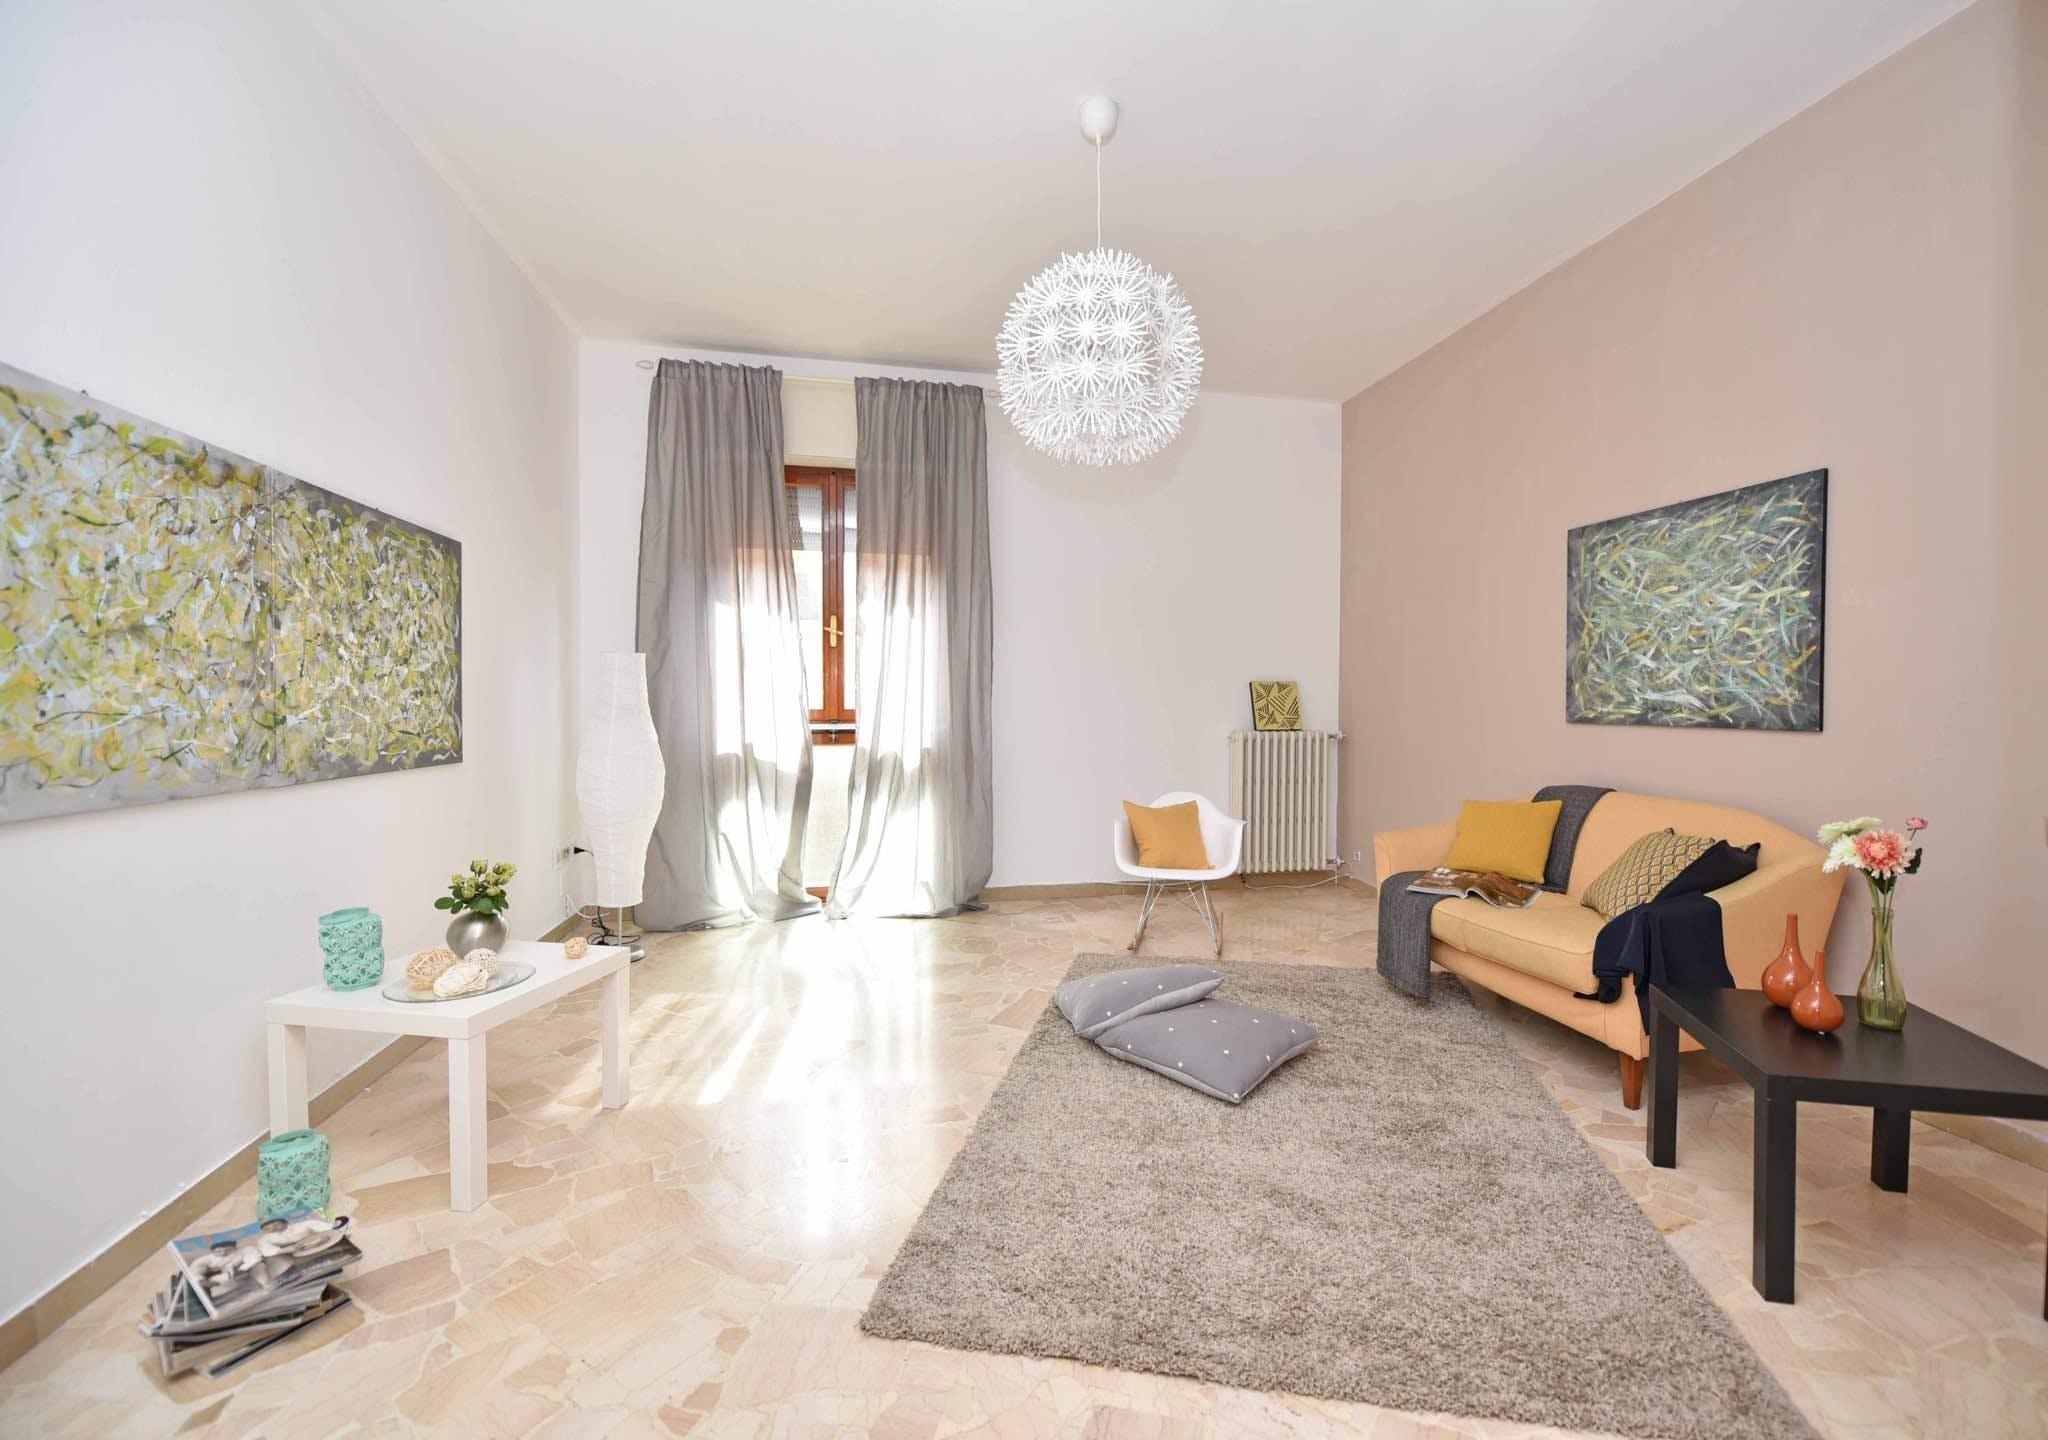 açık, apartman, halı, iç dizayn içeren Ücretsiz stok fotoğraf